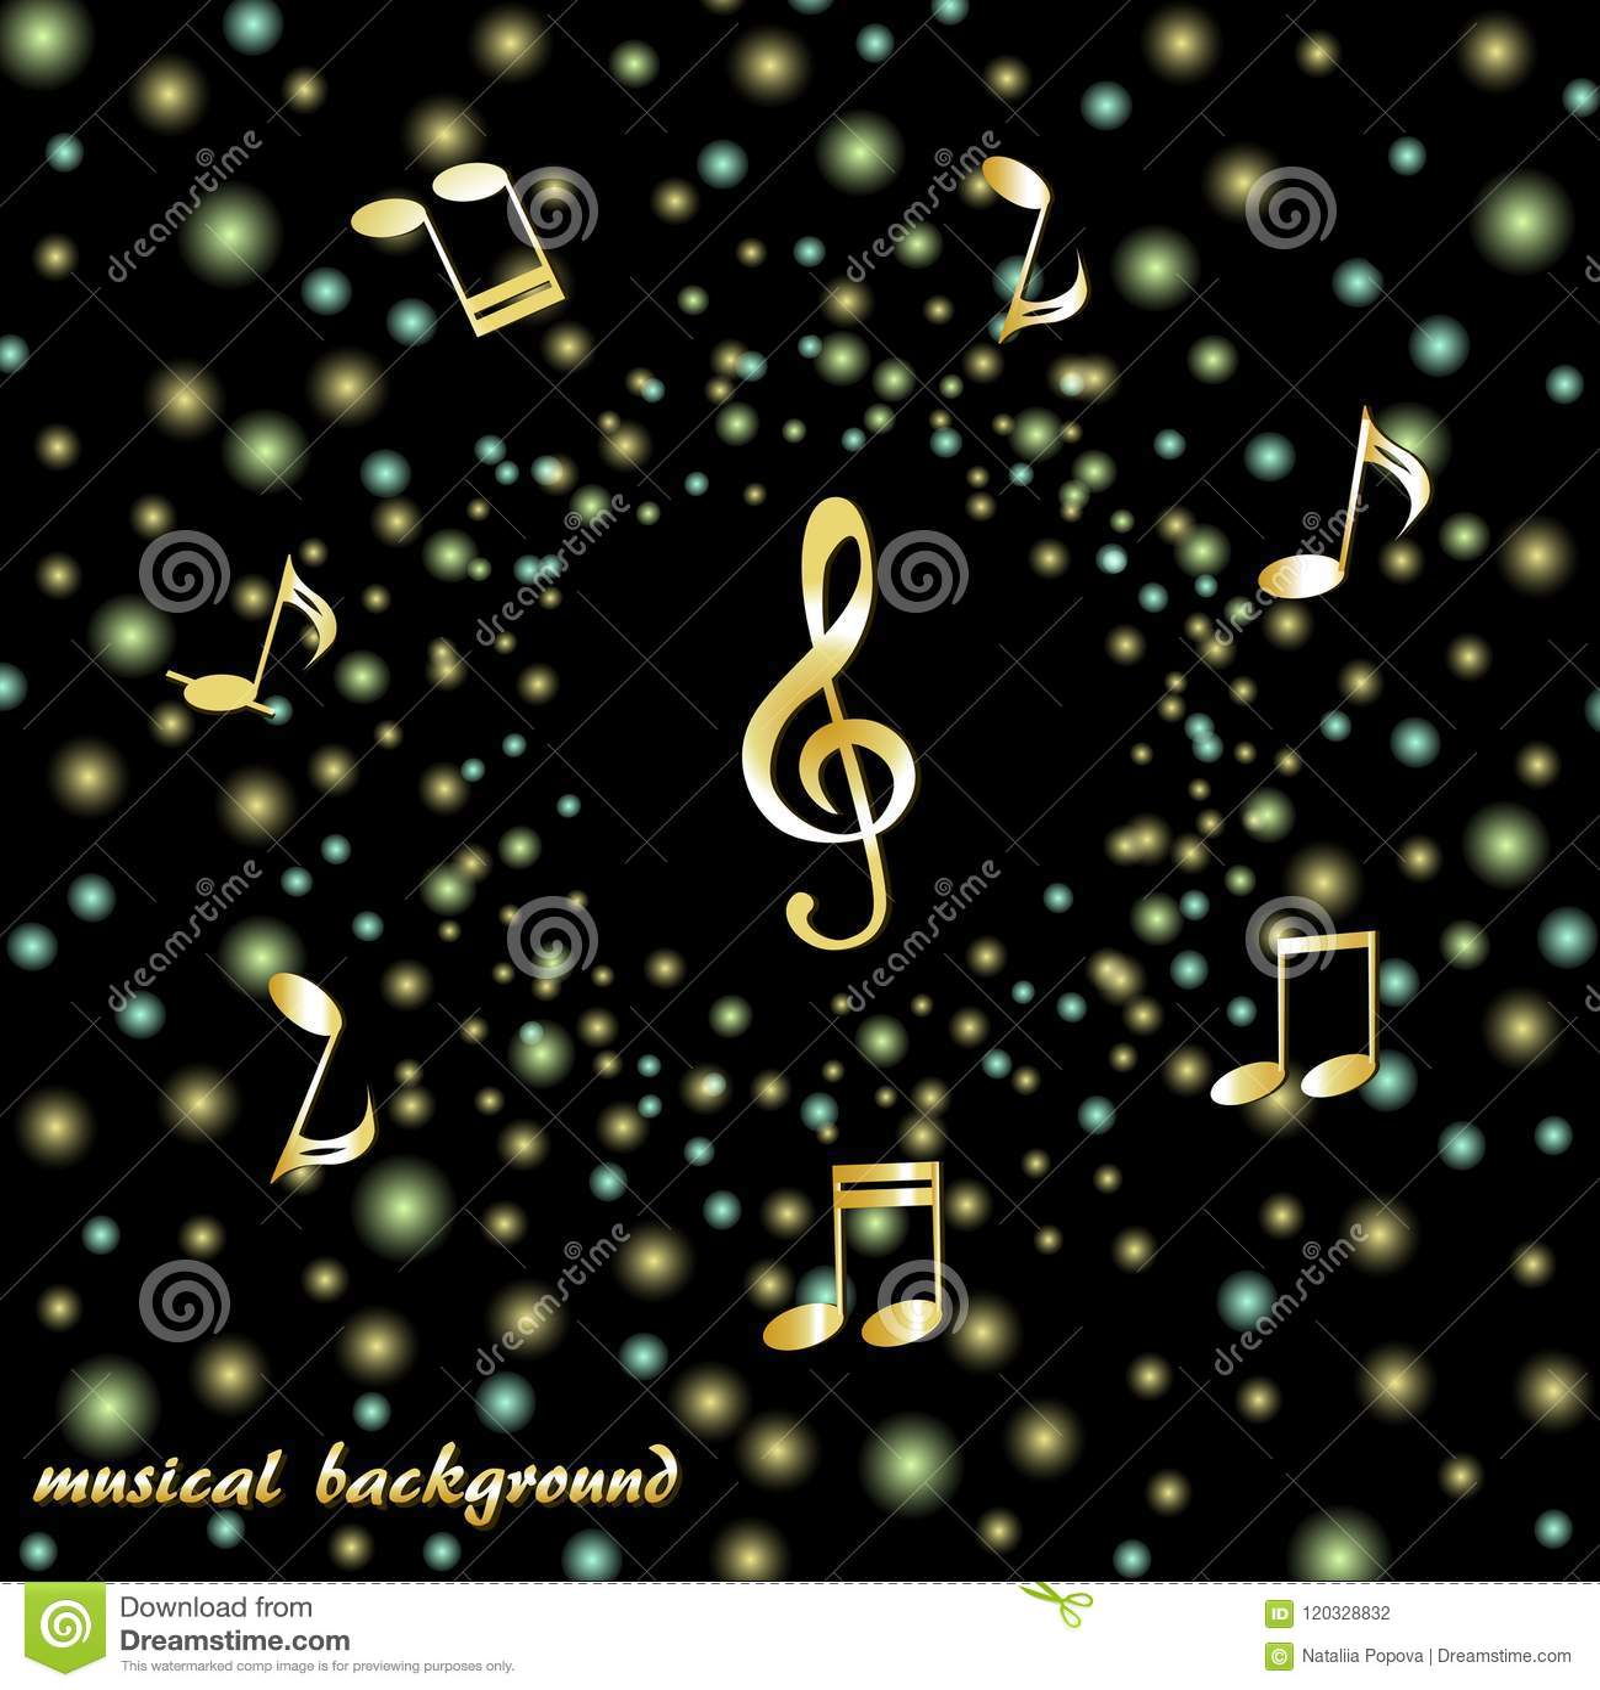 Clave de sol dourada e notas musicais em um fundo de confetes brilhantes